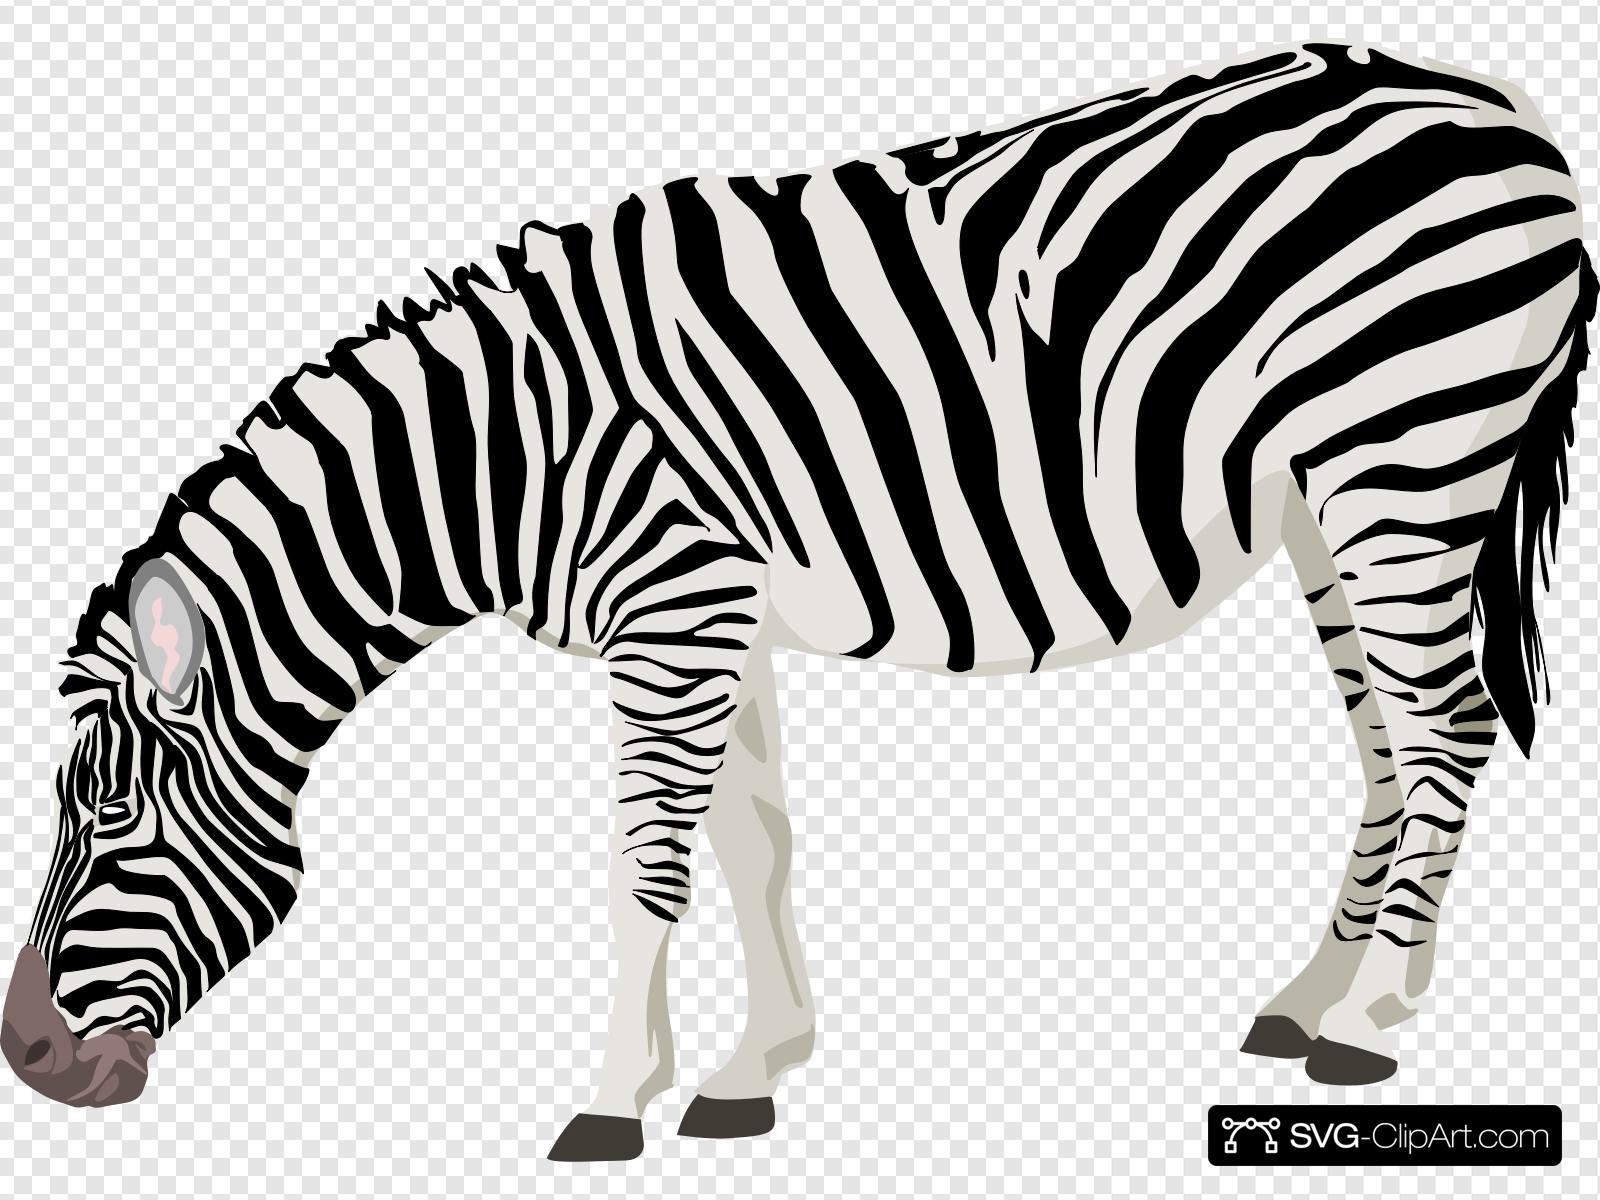 Grazing clip art icon. Clipart zebra svg